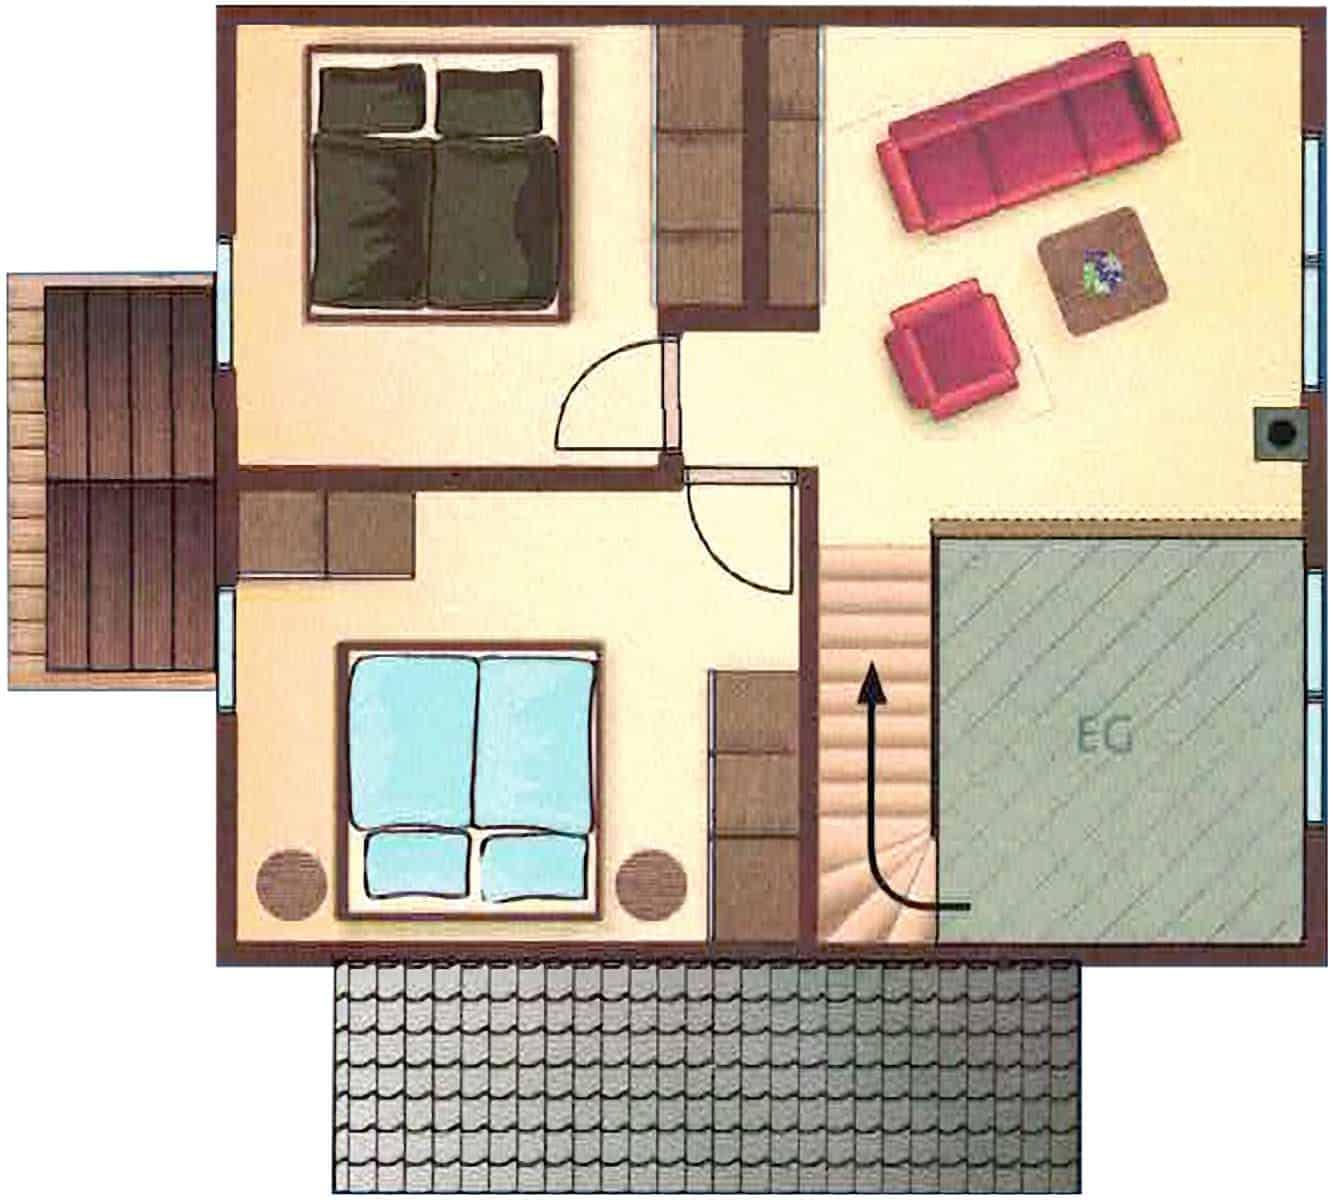 Ferienhaus Falster in Bad Saarow am Scharmützelsee – Ansicht des Grundrisses des Dachgeschosses